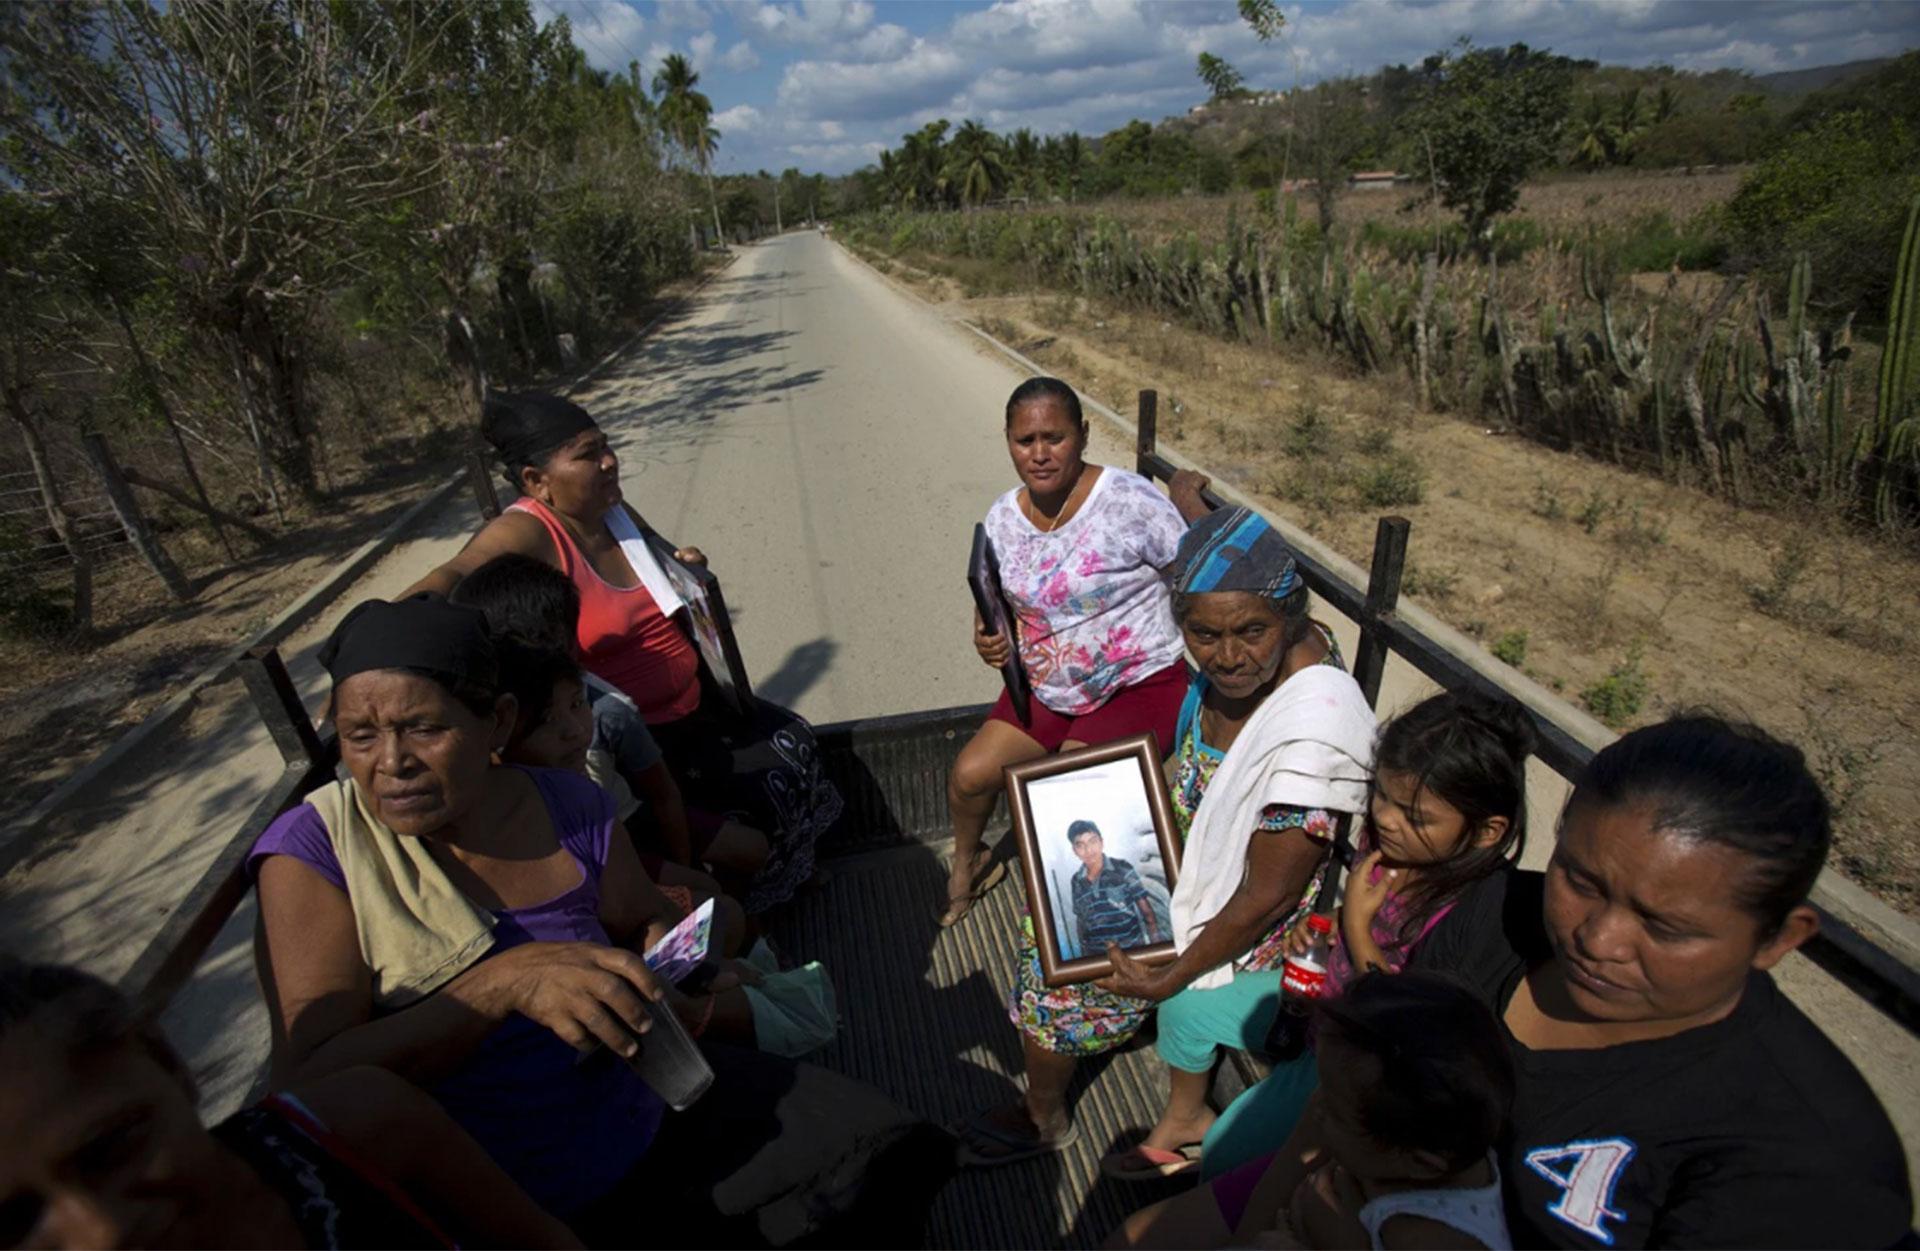 Parientes de seis civiles fallecidos cargan sus fotos. Acusan a los policías comunitarios de ser los responsables de las muertes